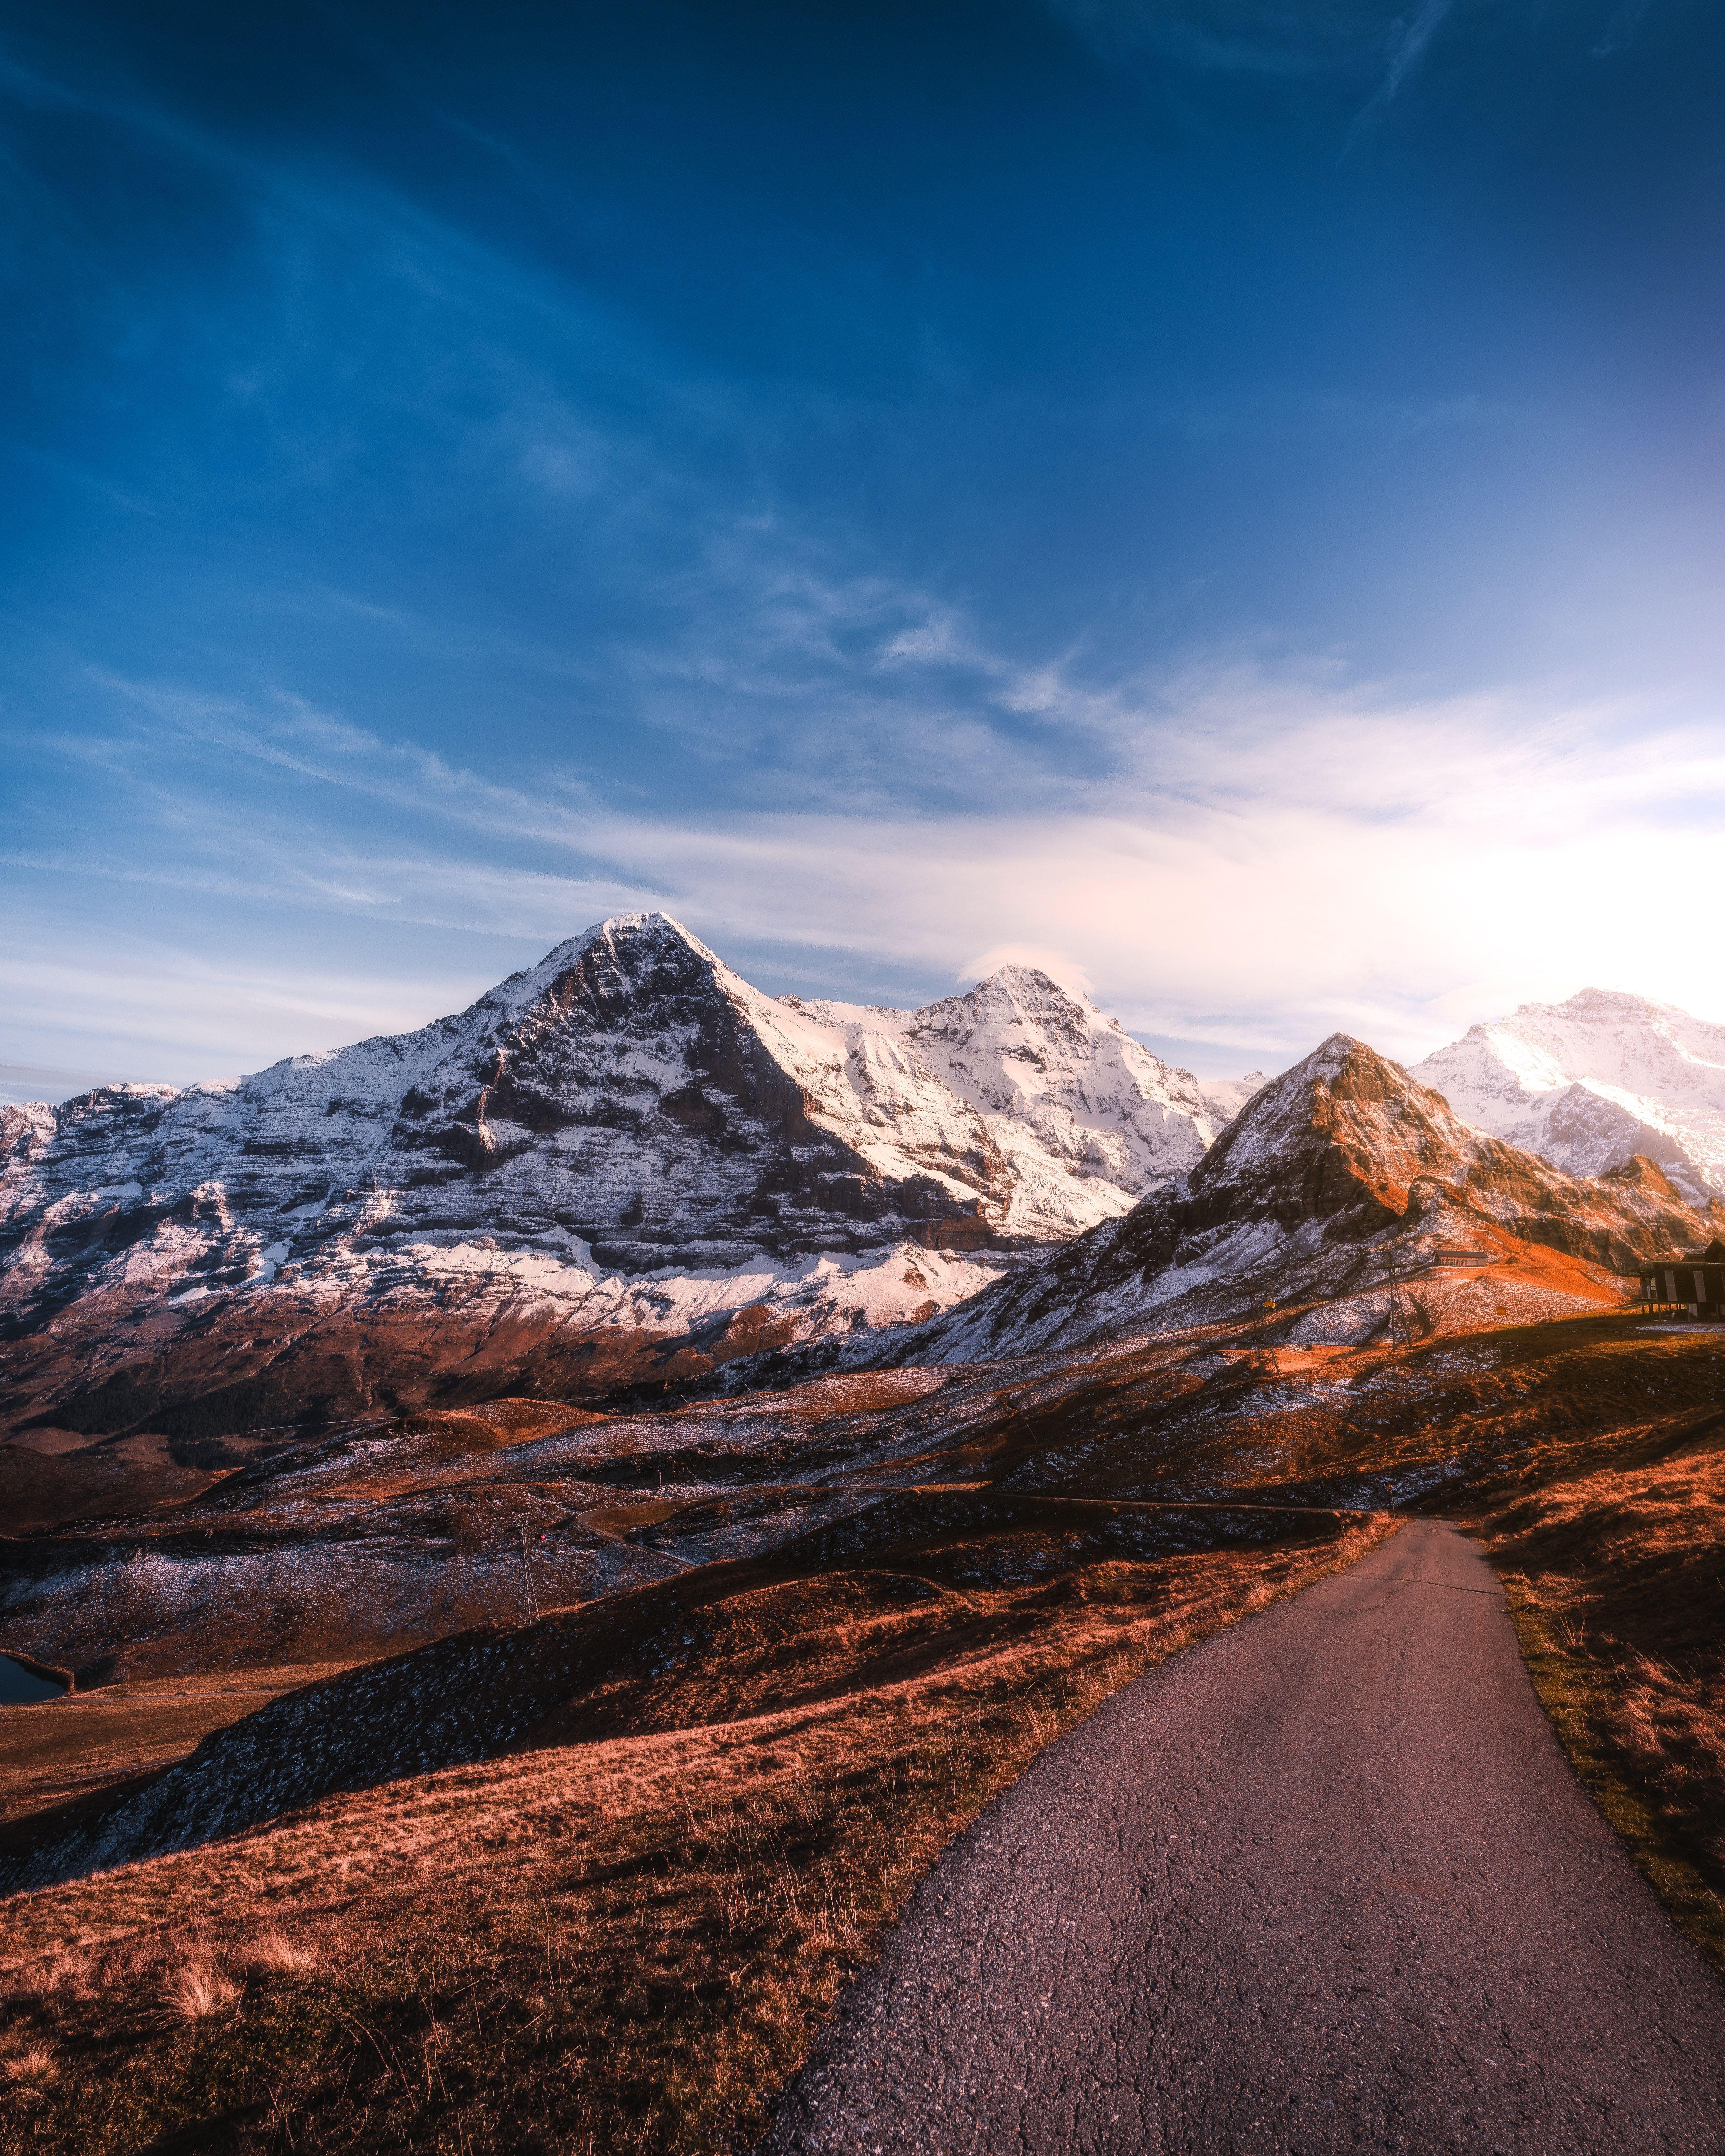 72844 обои 720x1280 на телефон бесплатно, скачать картинки Асфальт, Горы, Швейцария, Природа, Небо, Дорога, Вершины, Заснеженный 720x1280 на мобильный